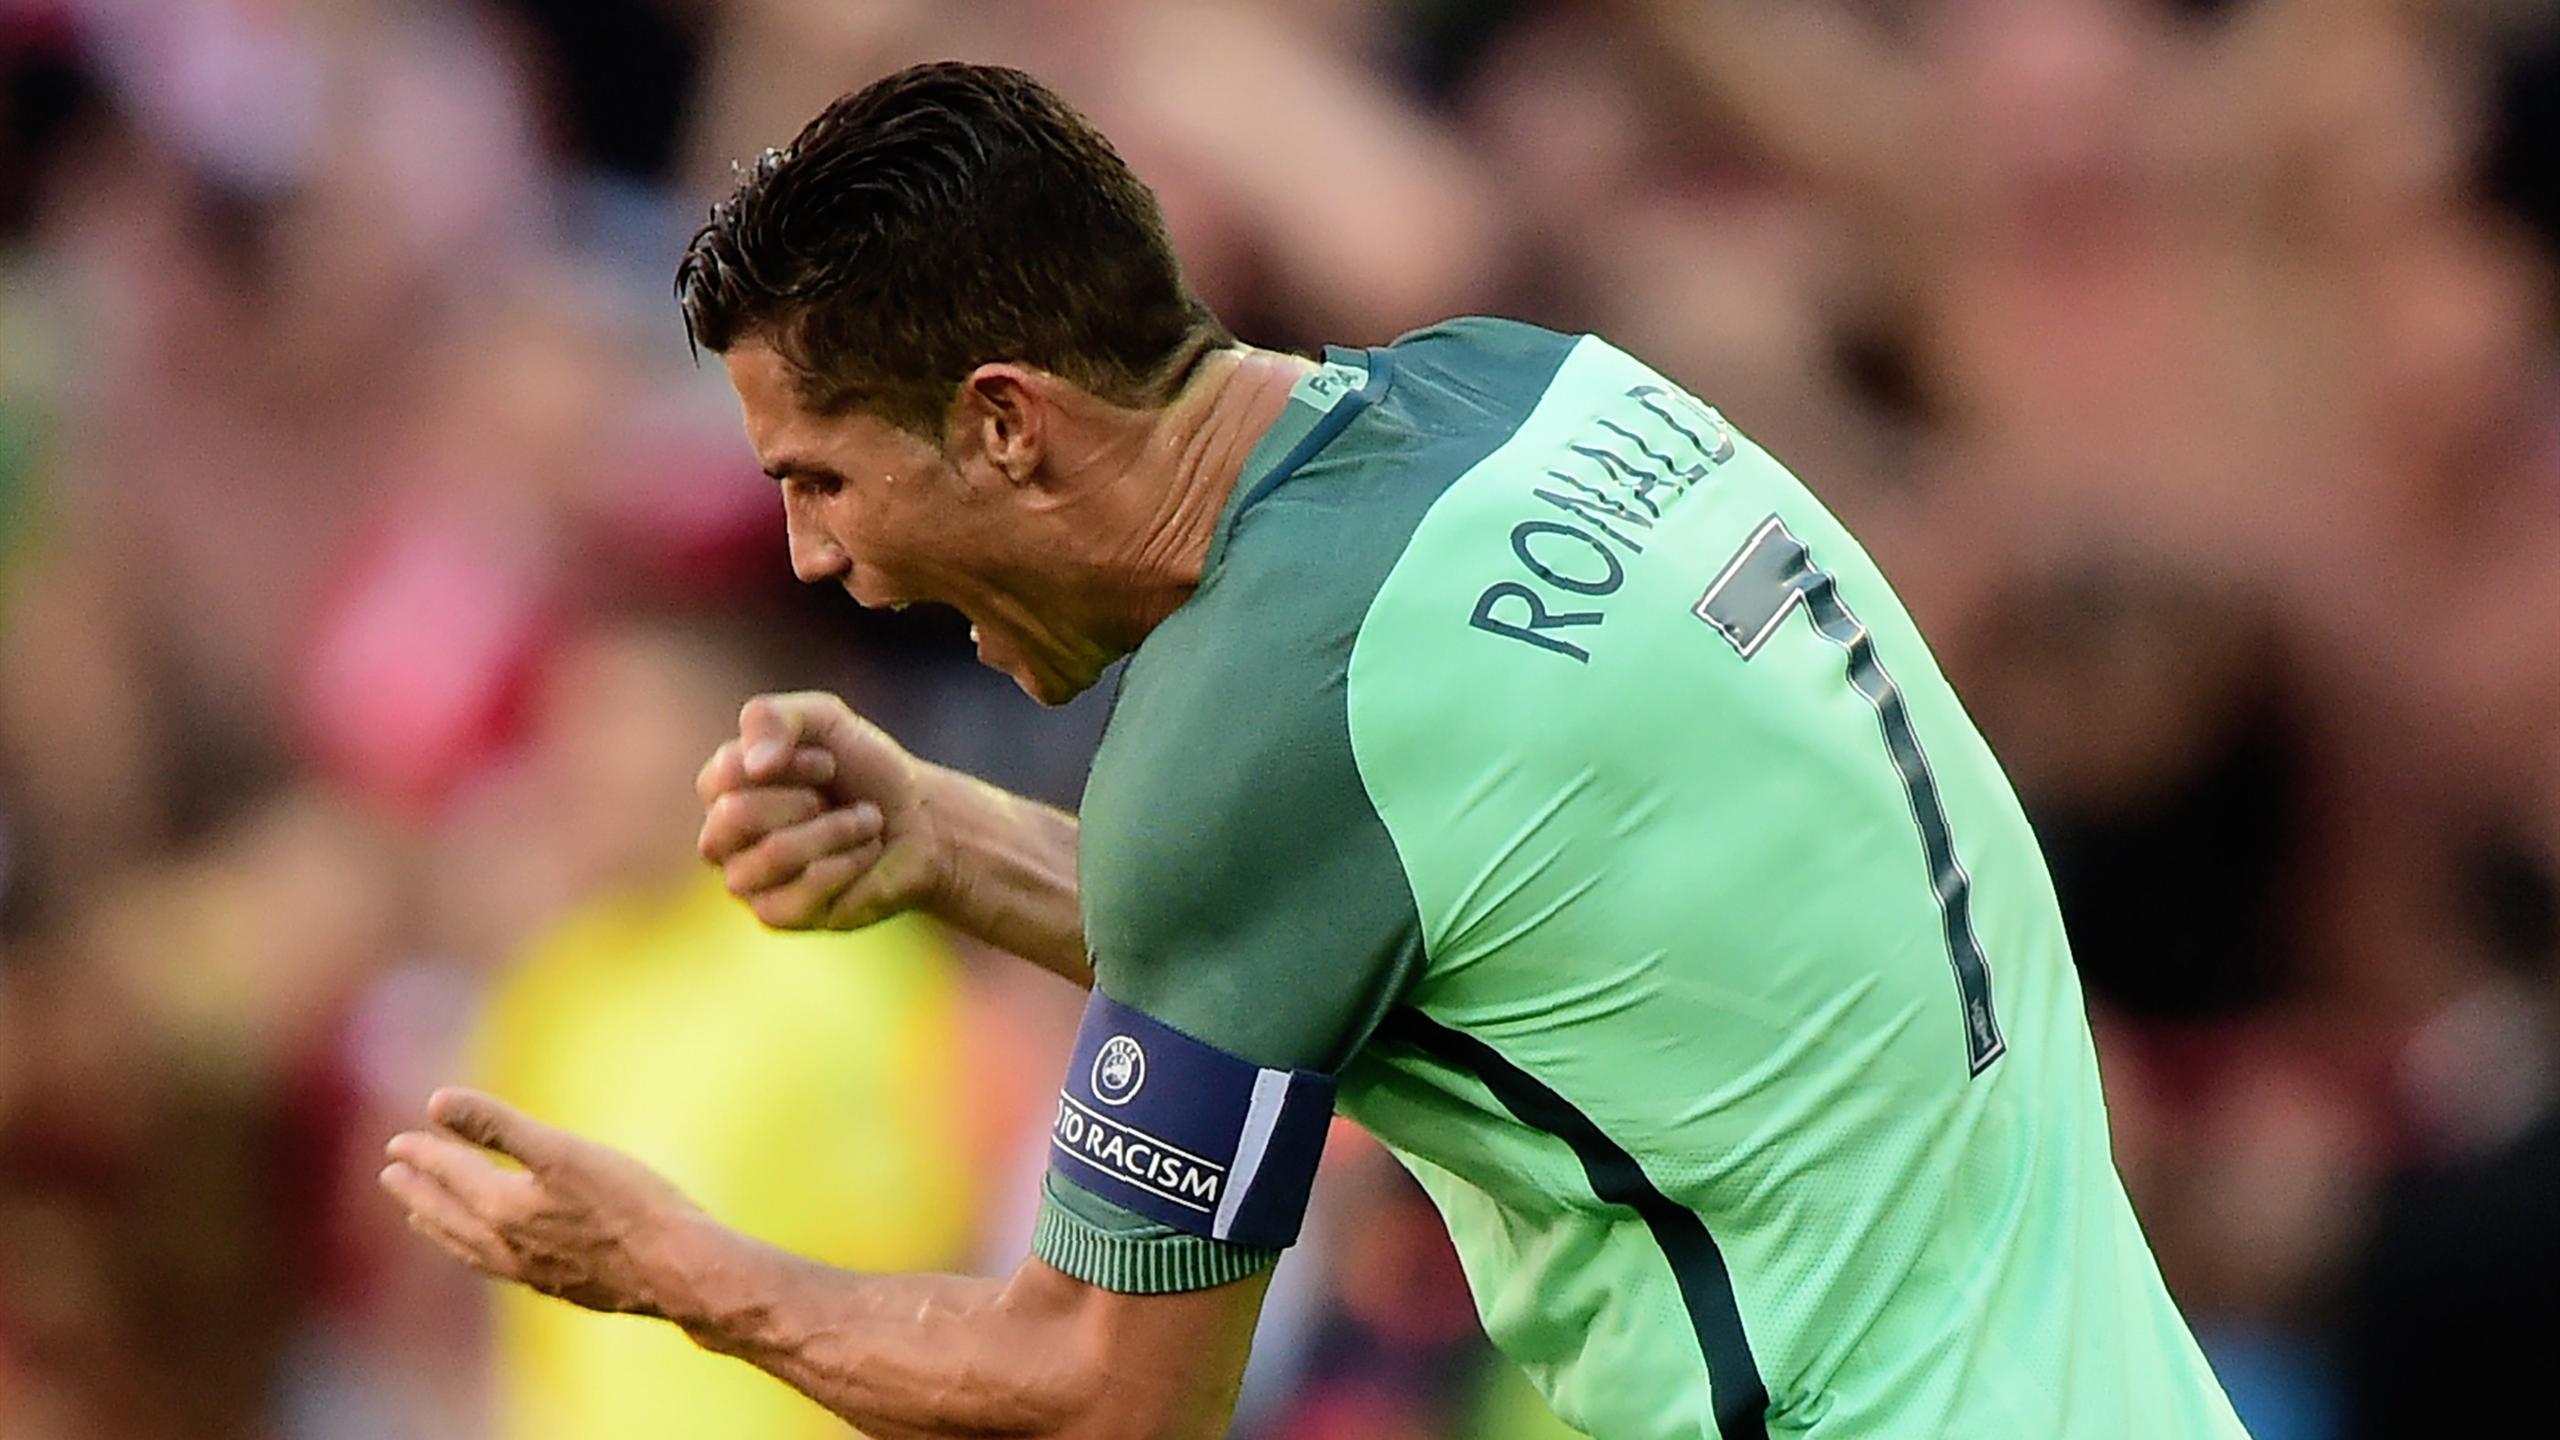 Cristiano Ronaldo orgia polacco massaggio porno